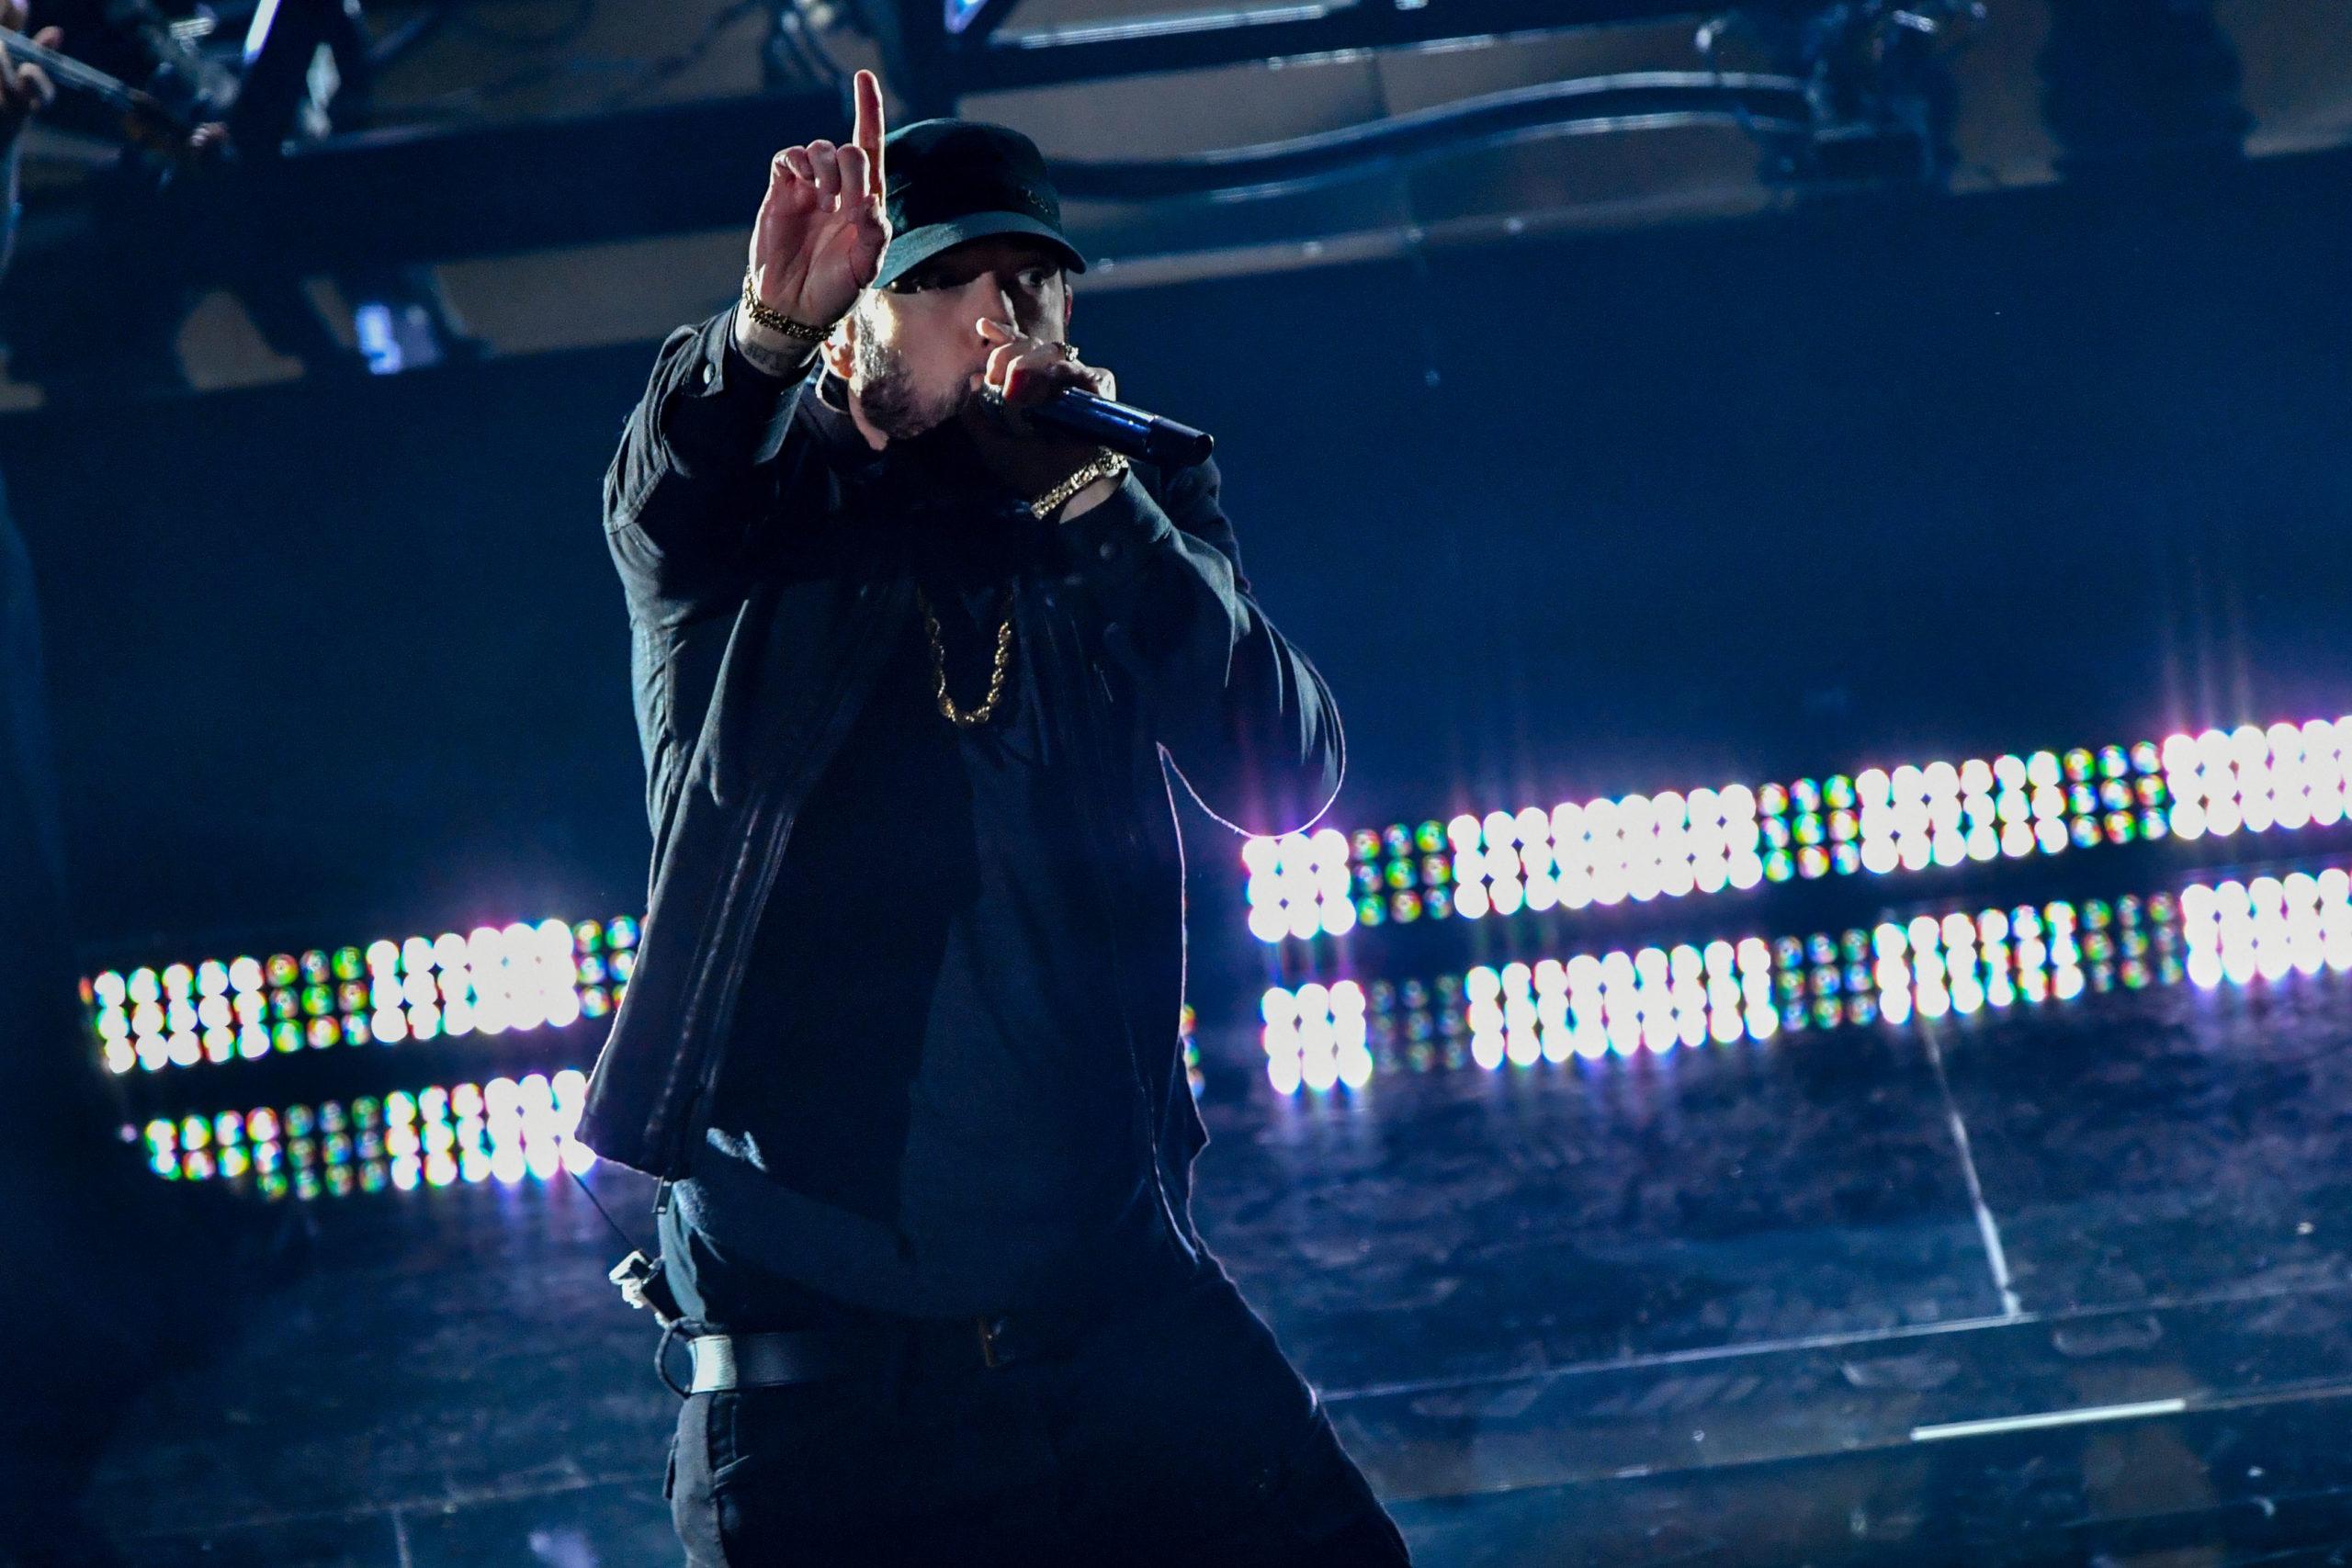 Come ha fatto Eminem a tener segreta la sua esibizione